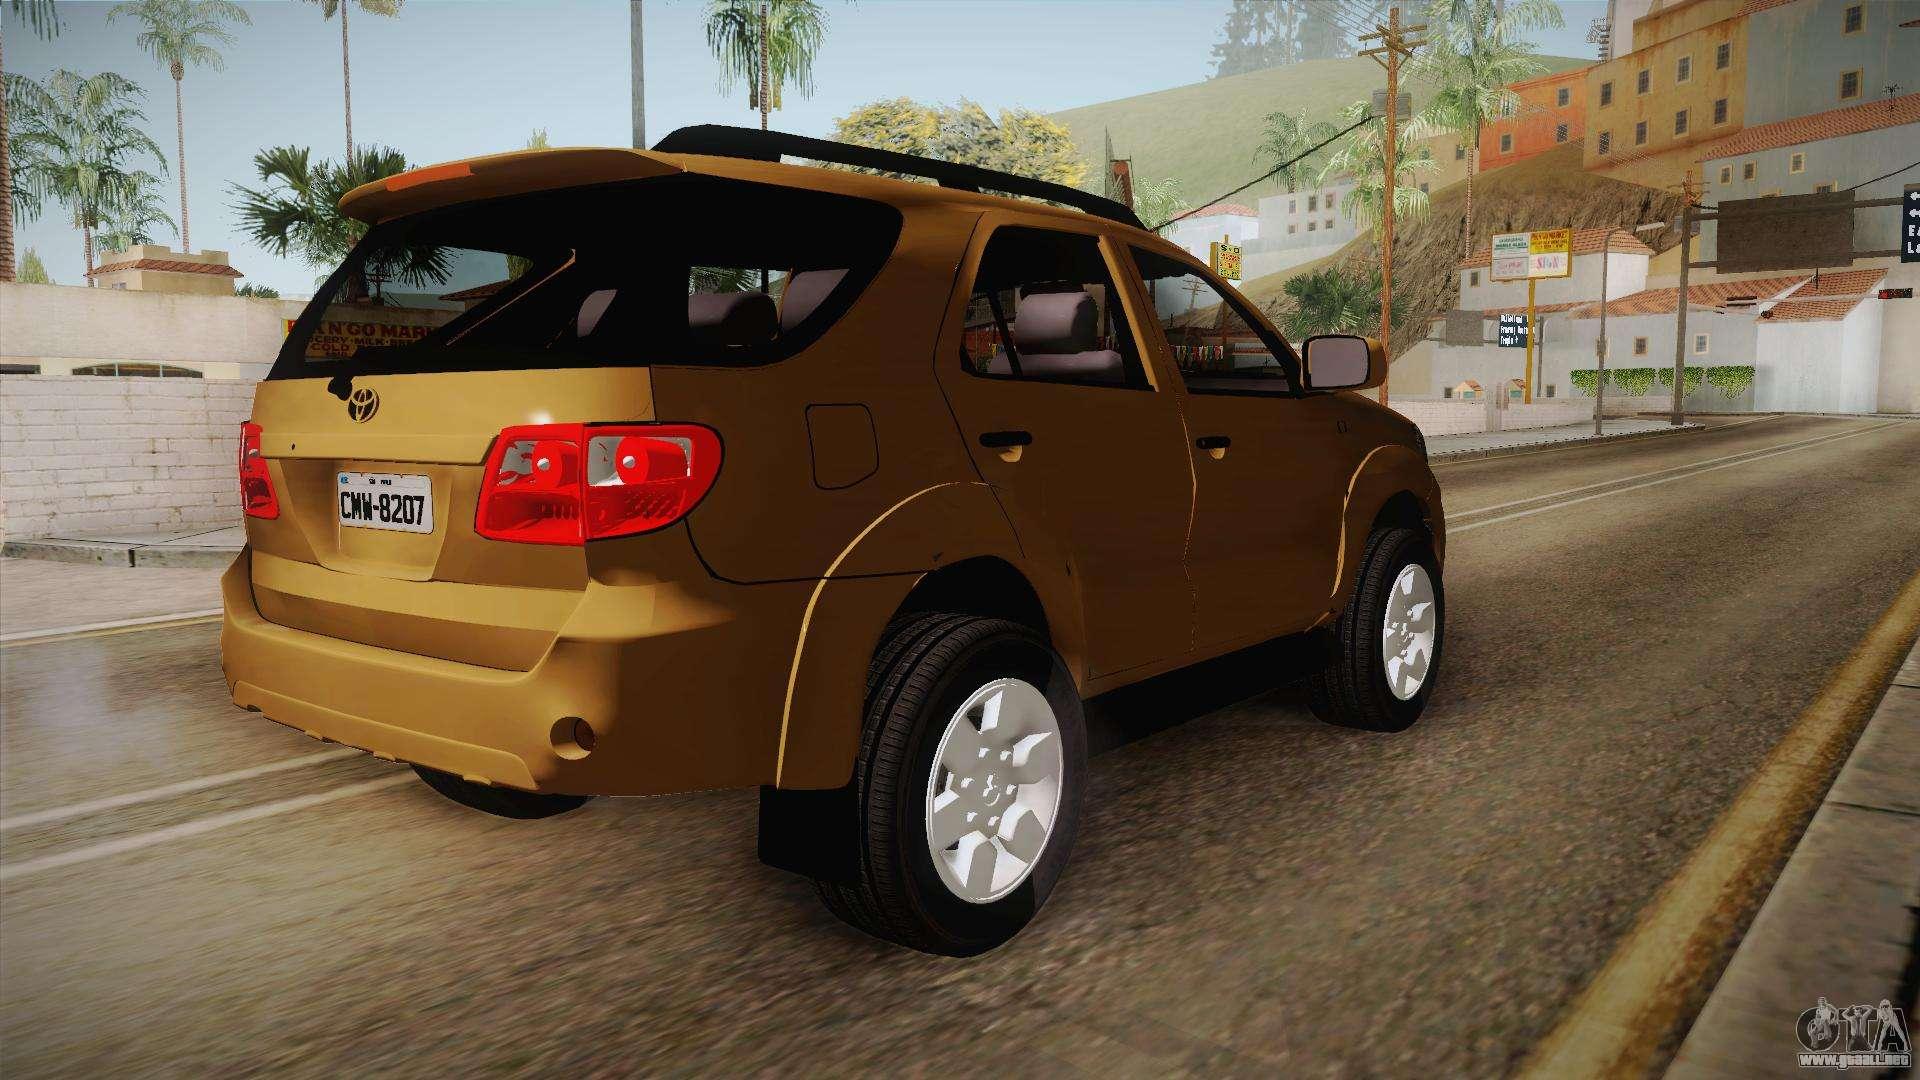 640 Mod Mobil Fortuner Gta San Andreas Gratis Terbaru